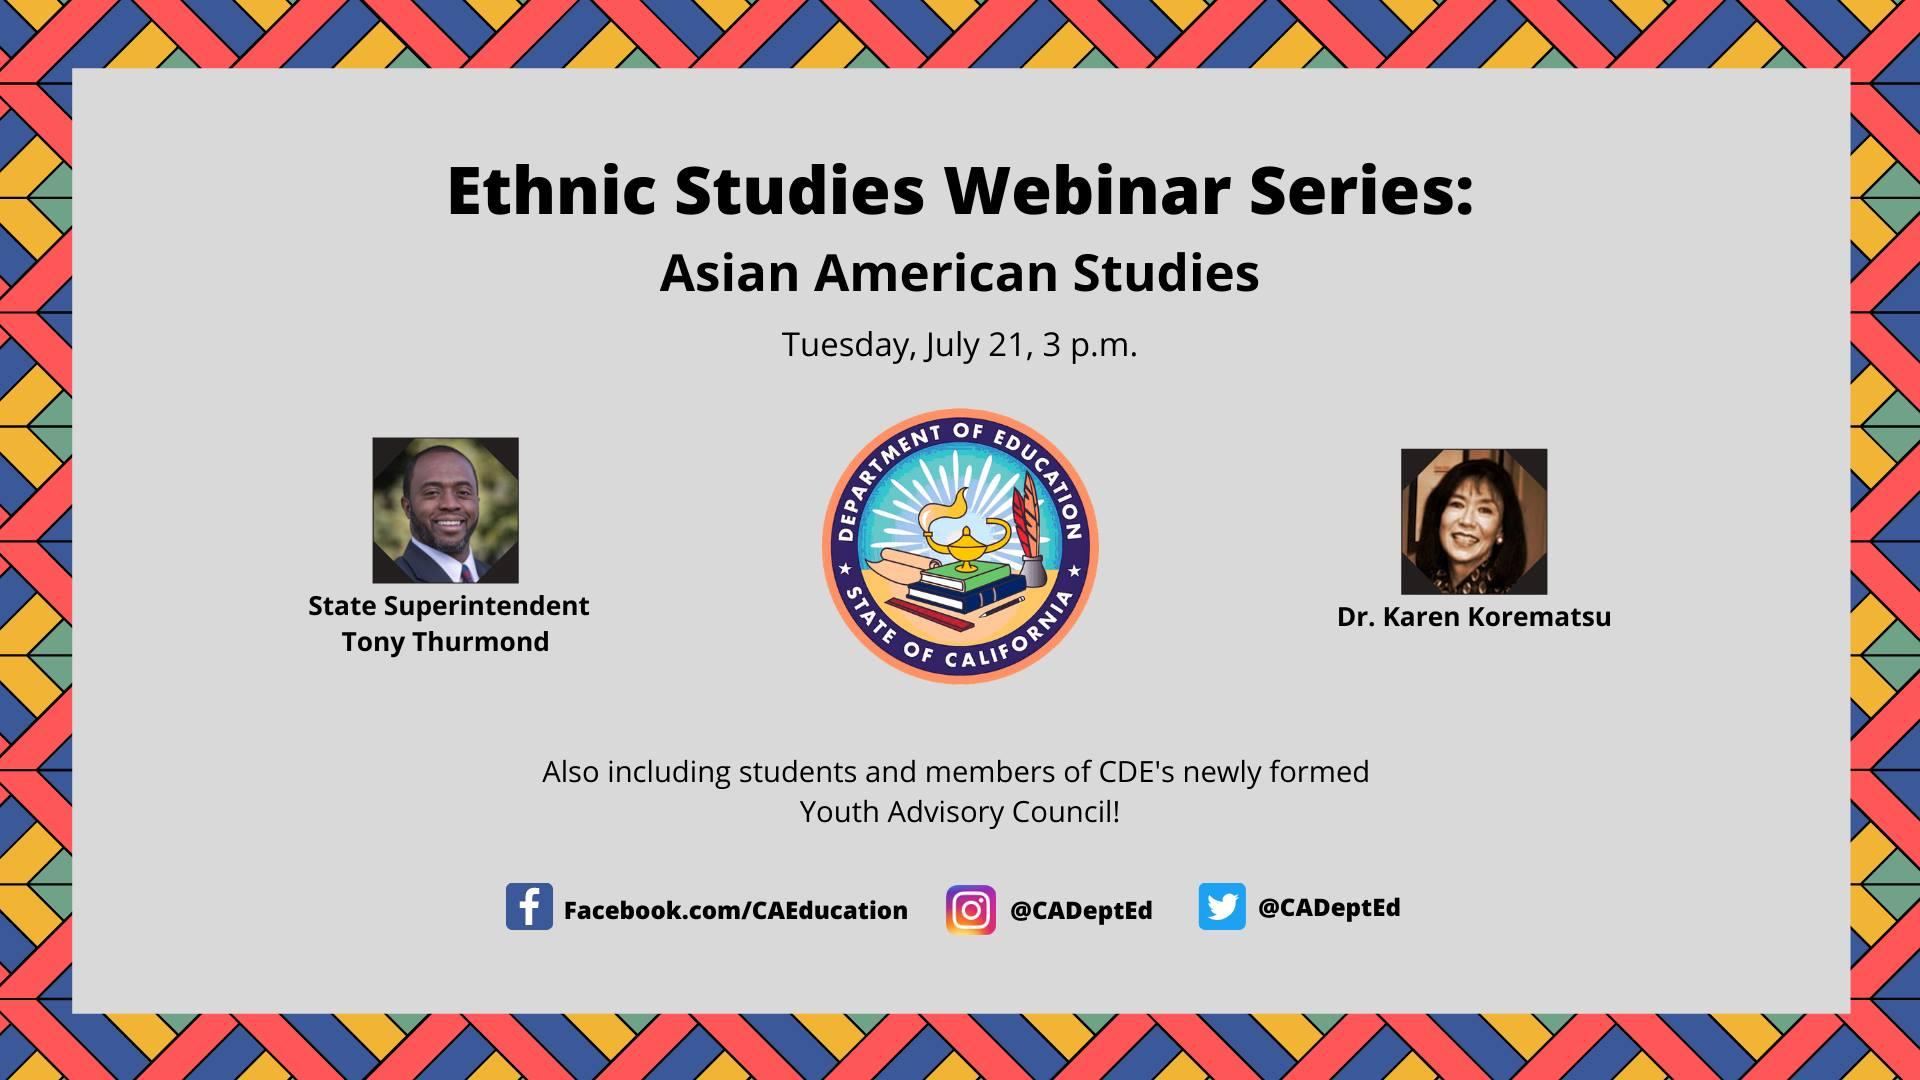 Ethnic Studies Webinar Series: Asian American Studies